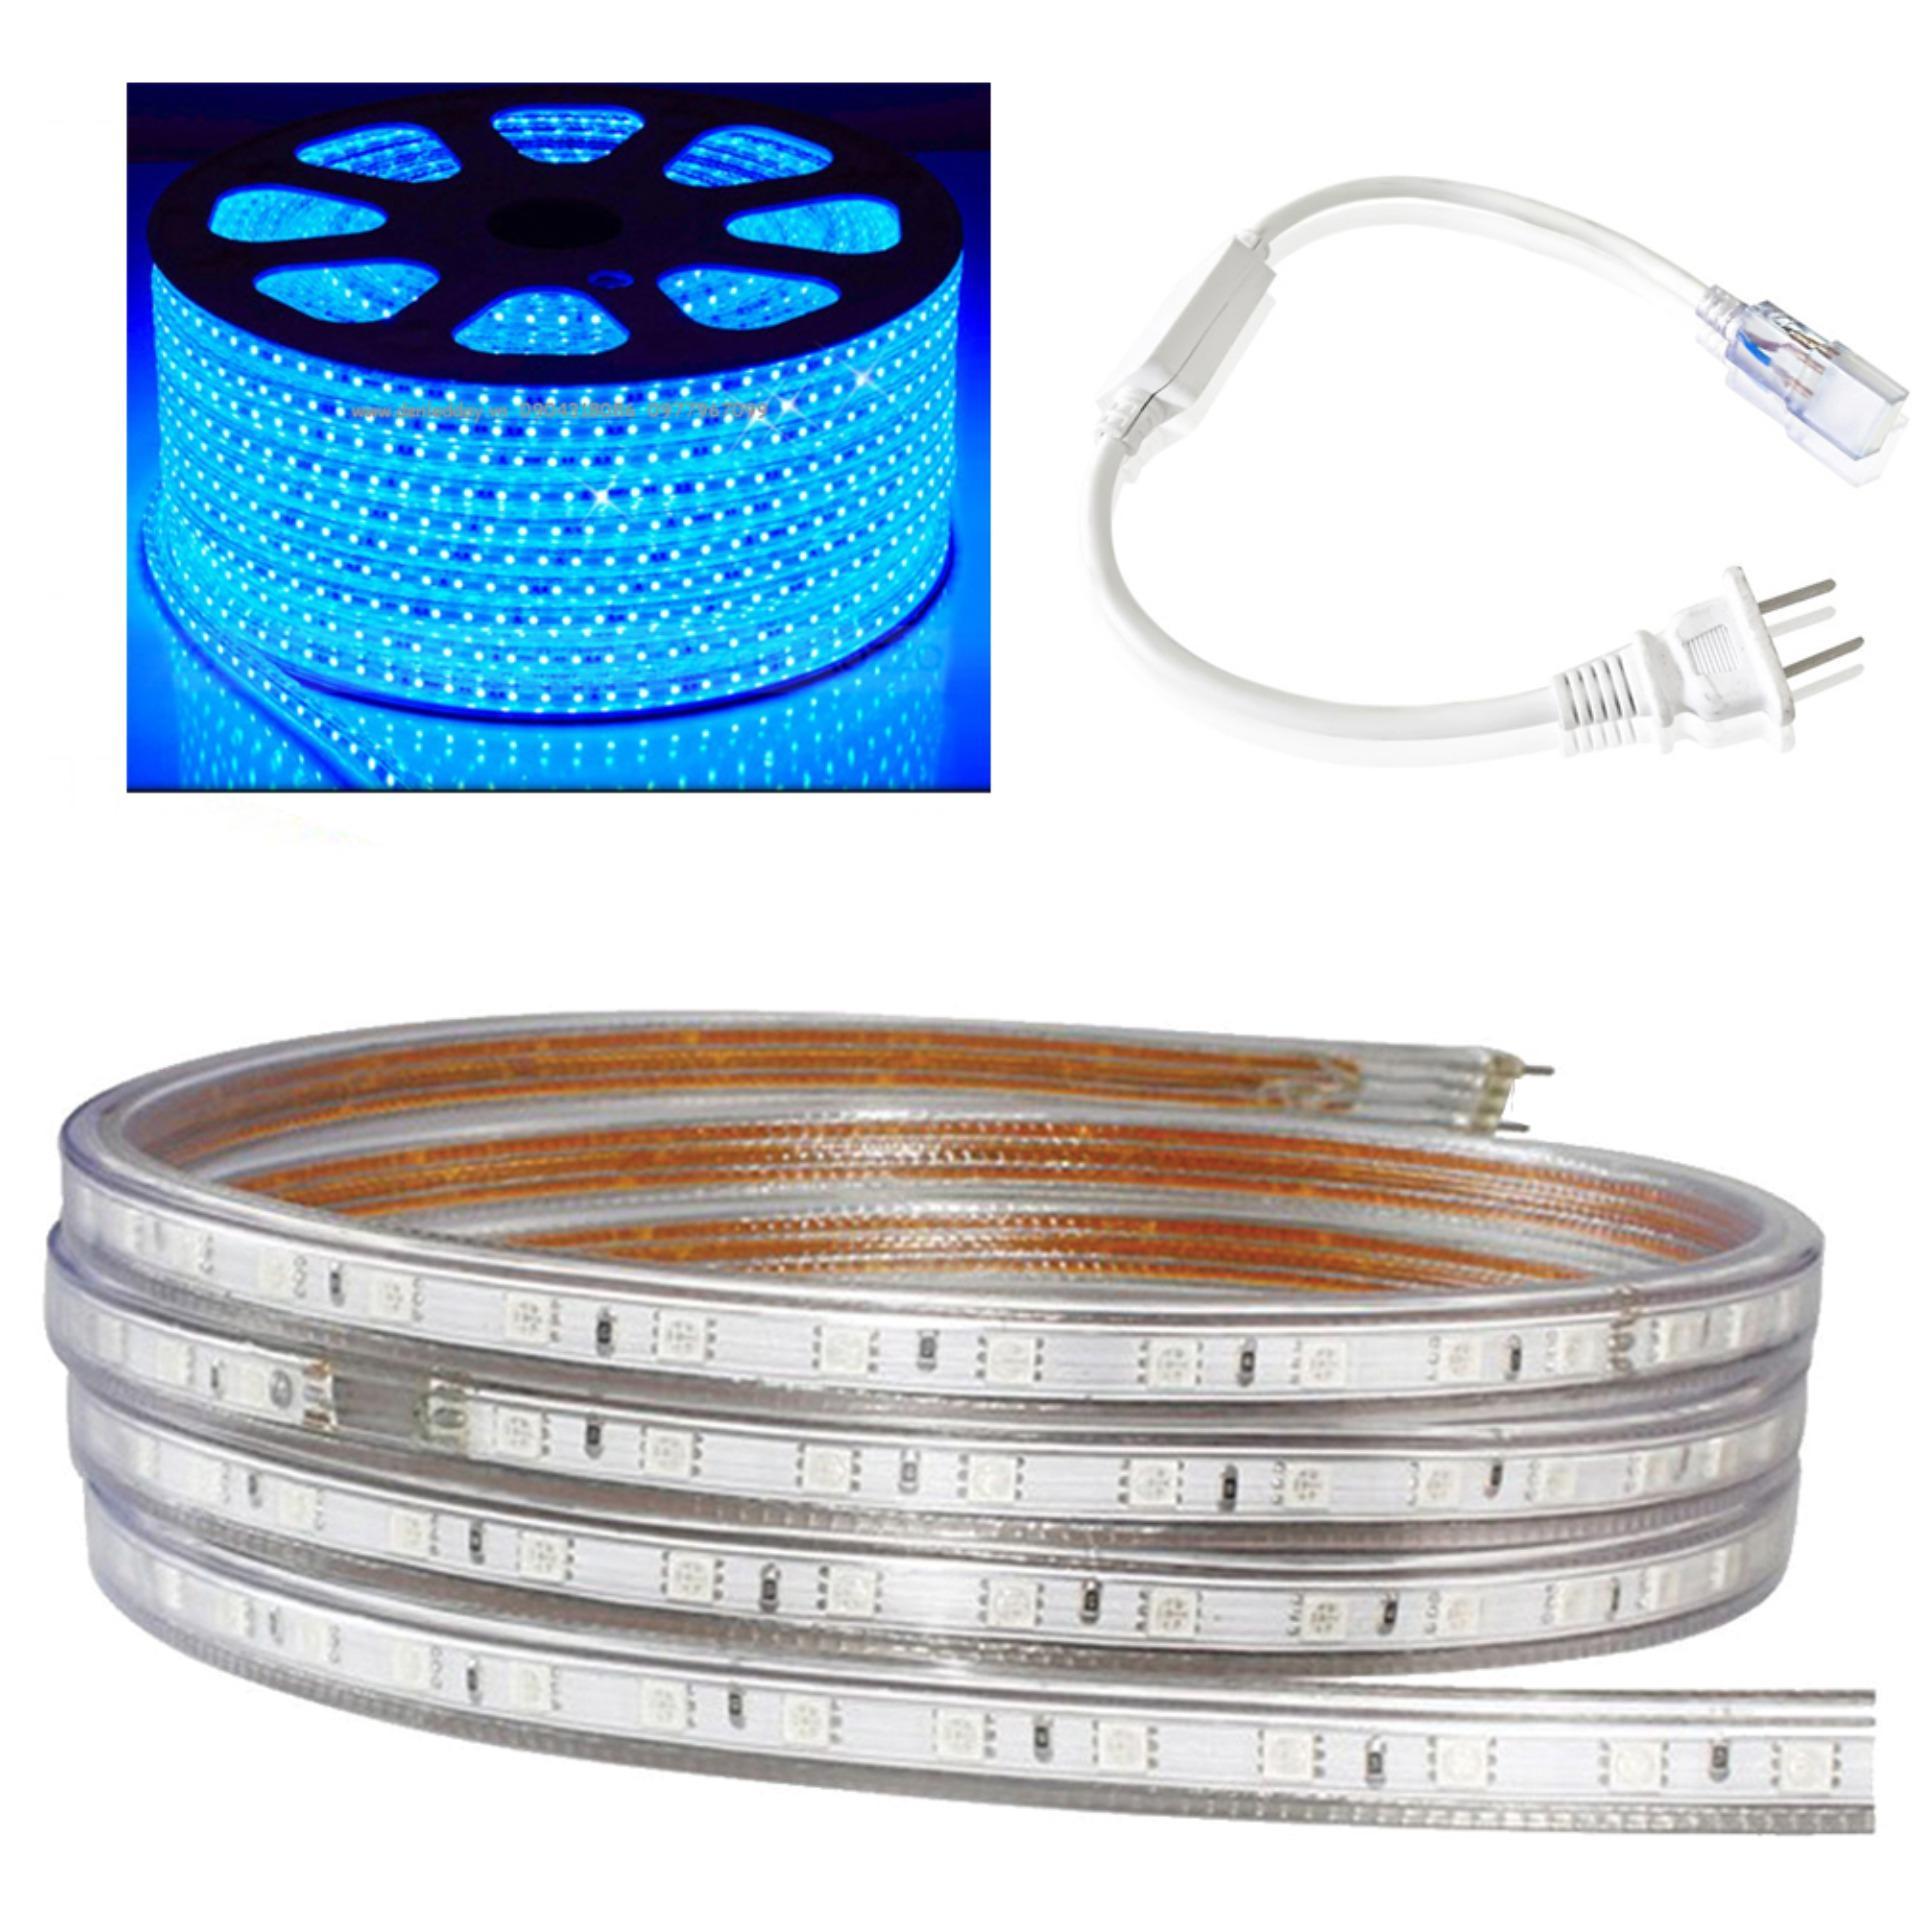 Cuộn led 5050 ánh sáng xanh dương dài 100m tặng  kèm 1 đầu nguồn